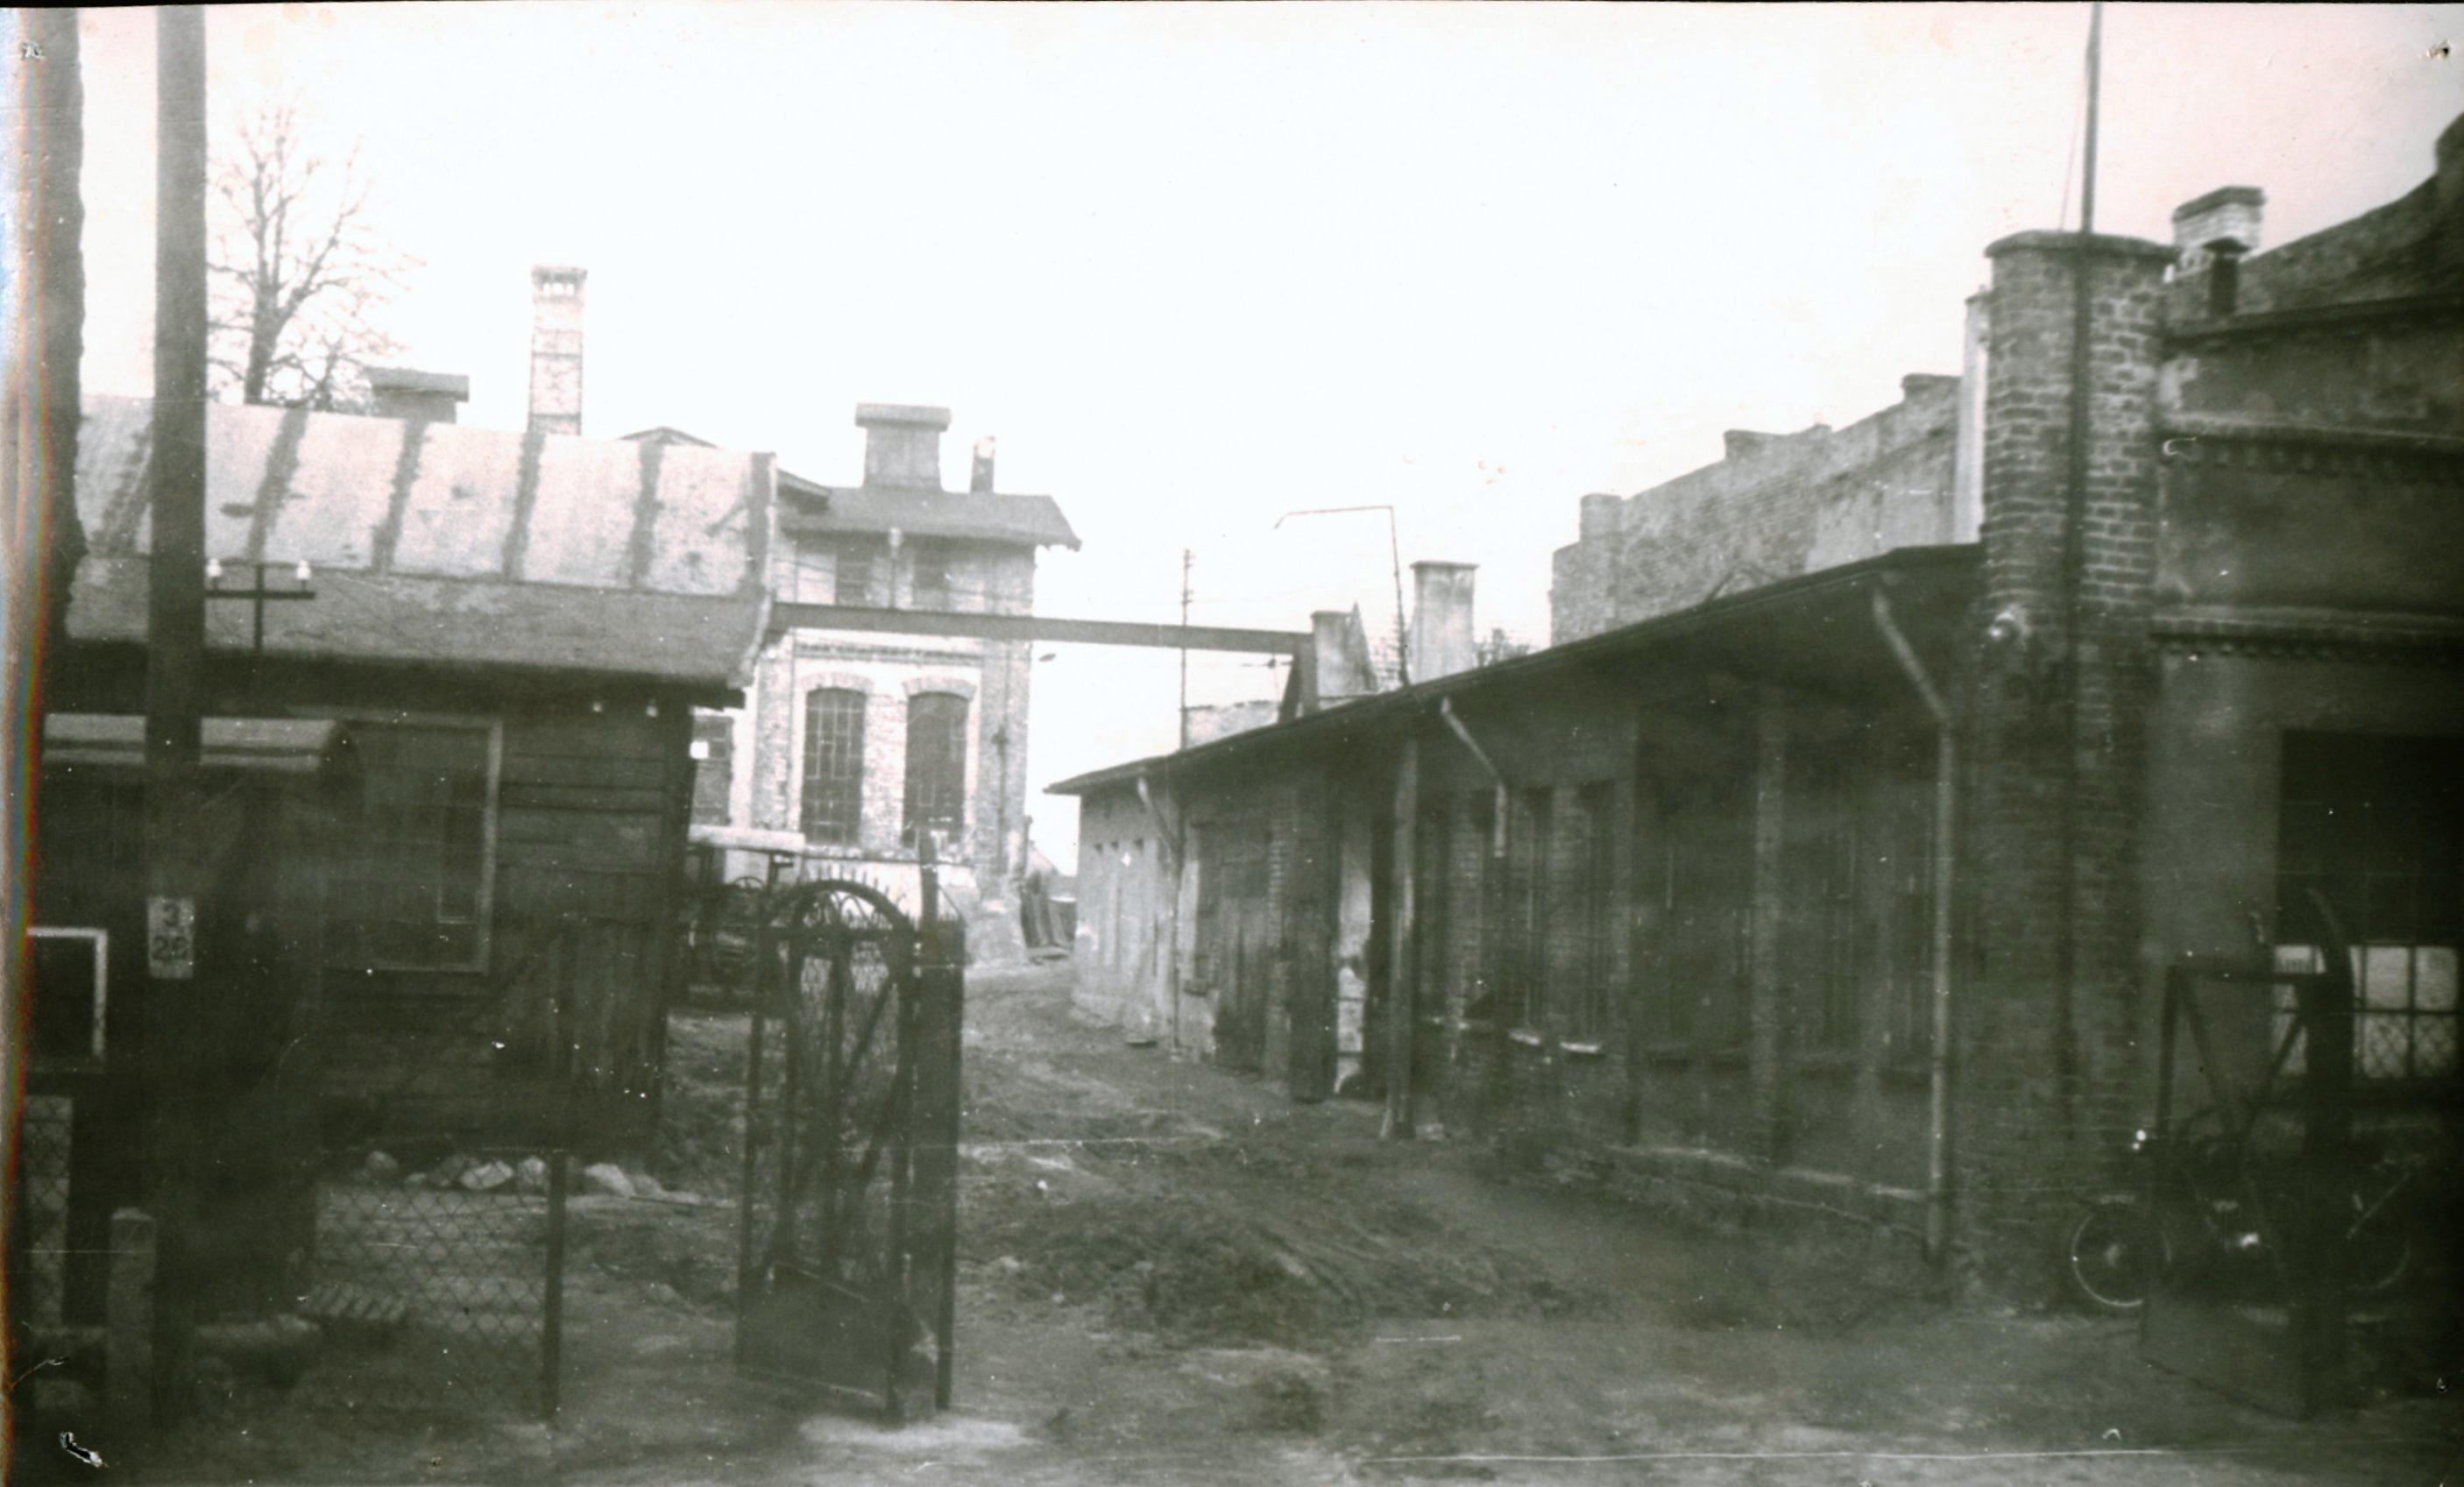 Budynki w roku 1965. W tym okresie mieściły się w tym miejscu zakłady POM